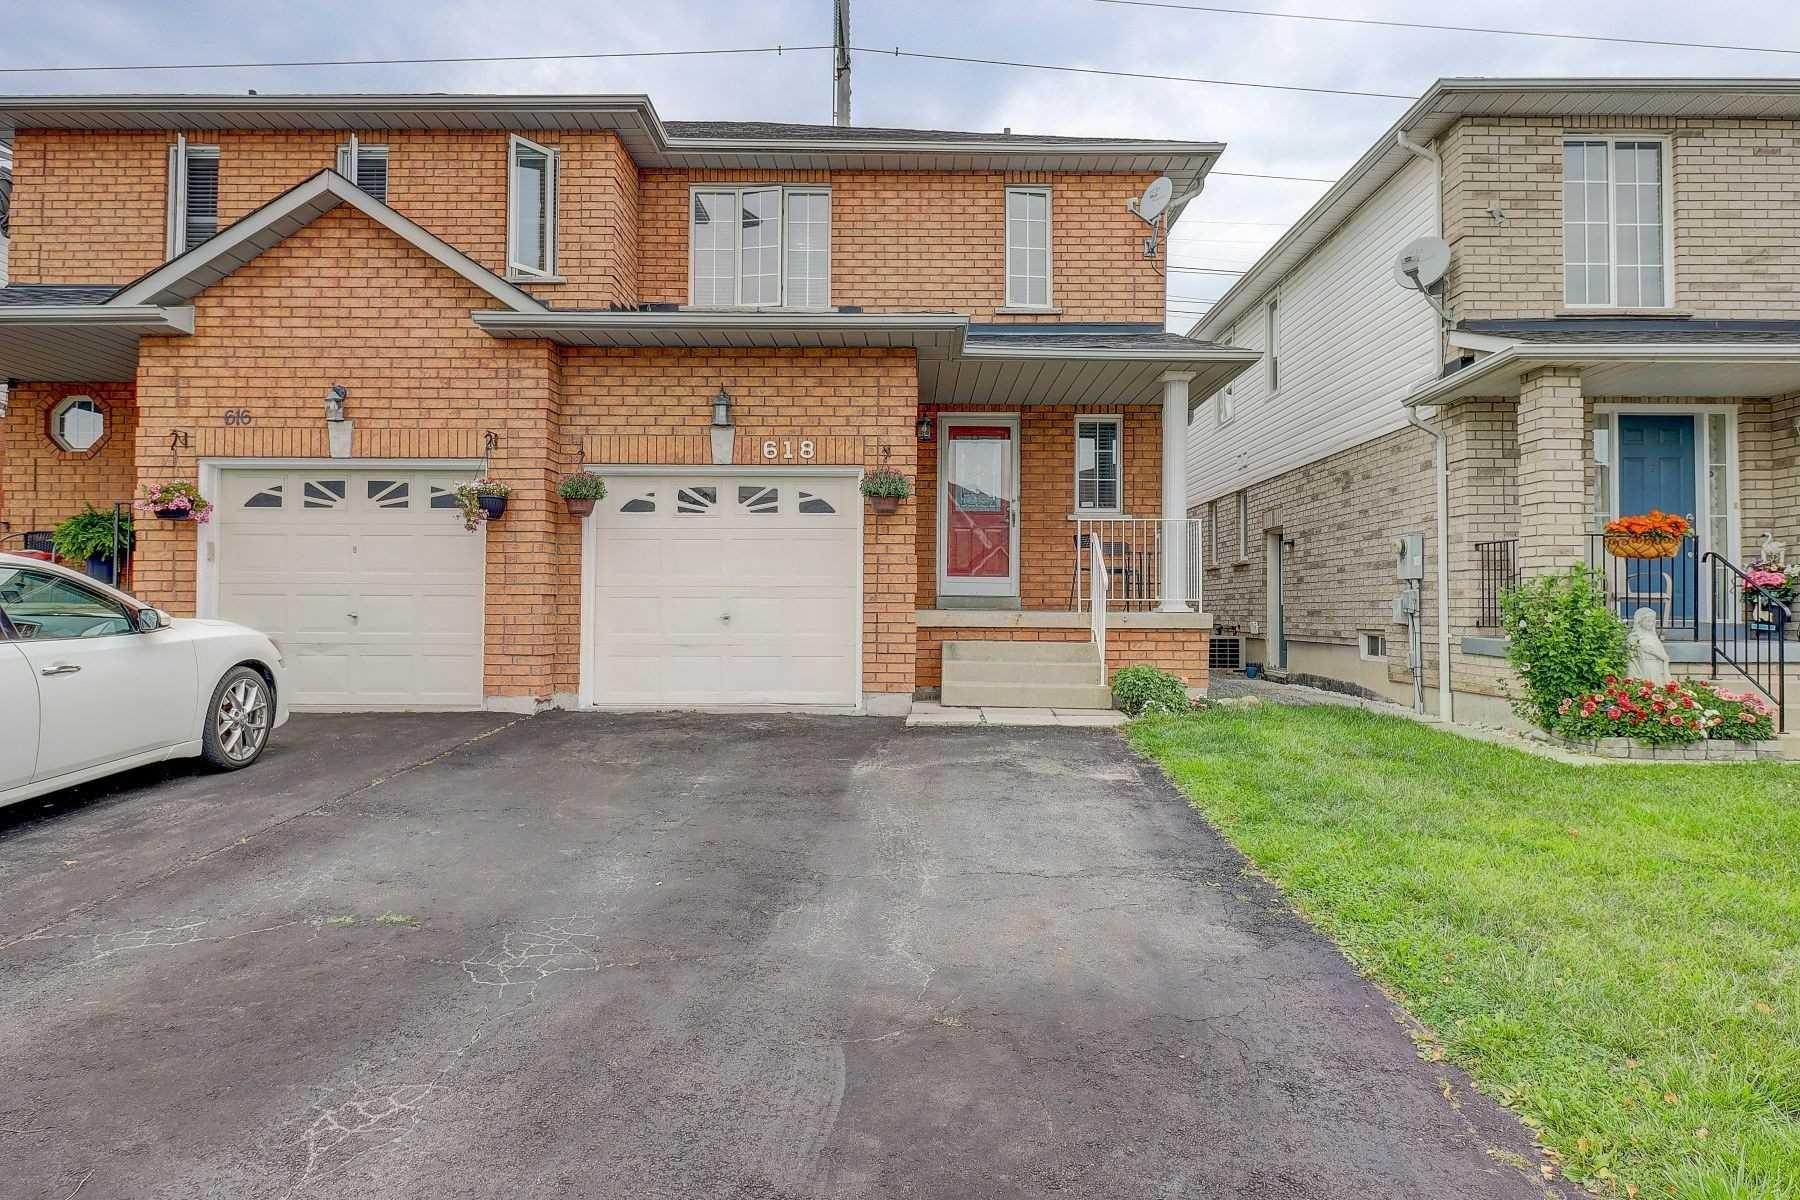 618 Amaretto Ave - E4896694 - $765,000